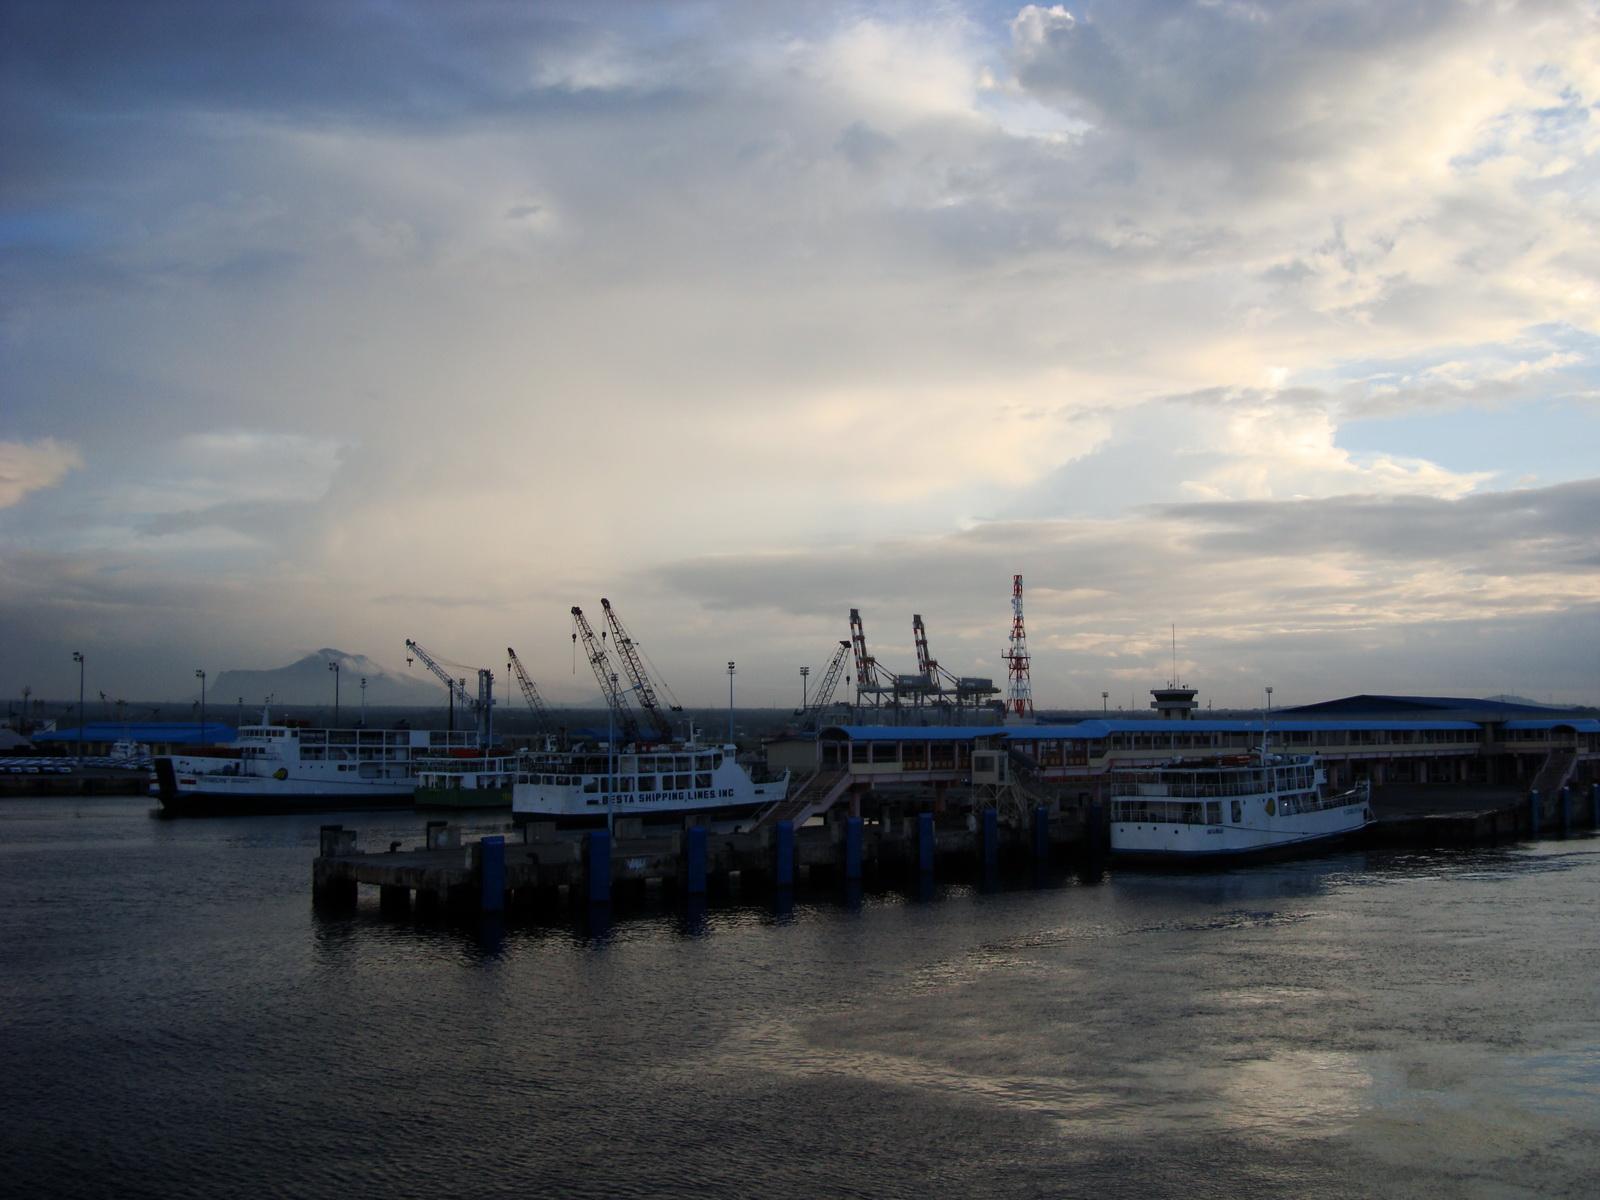 Batangas Port car Ferries Luzon Philippines 01